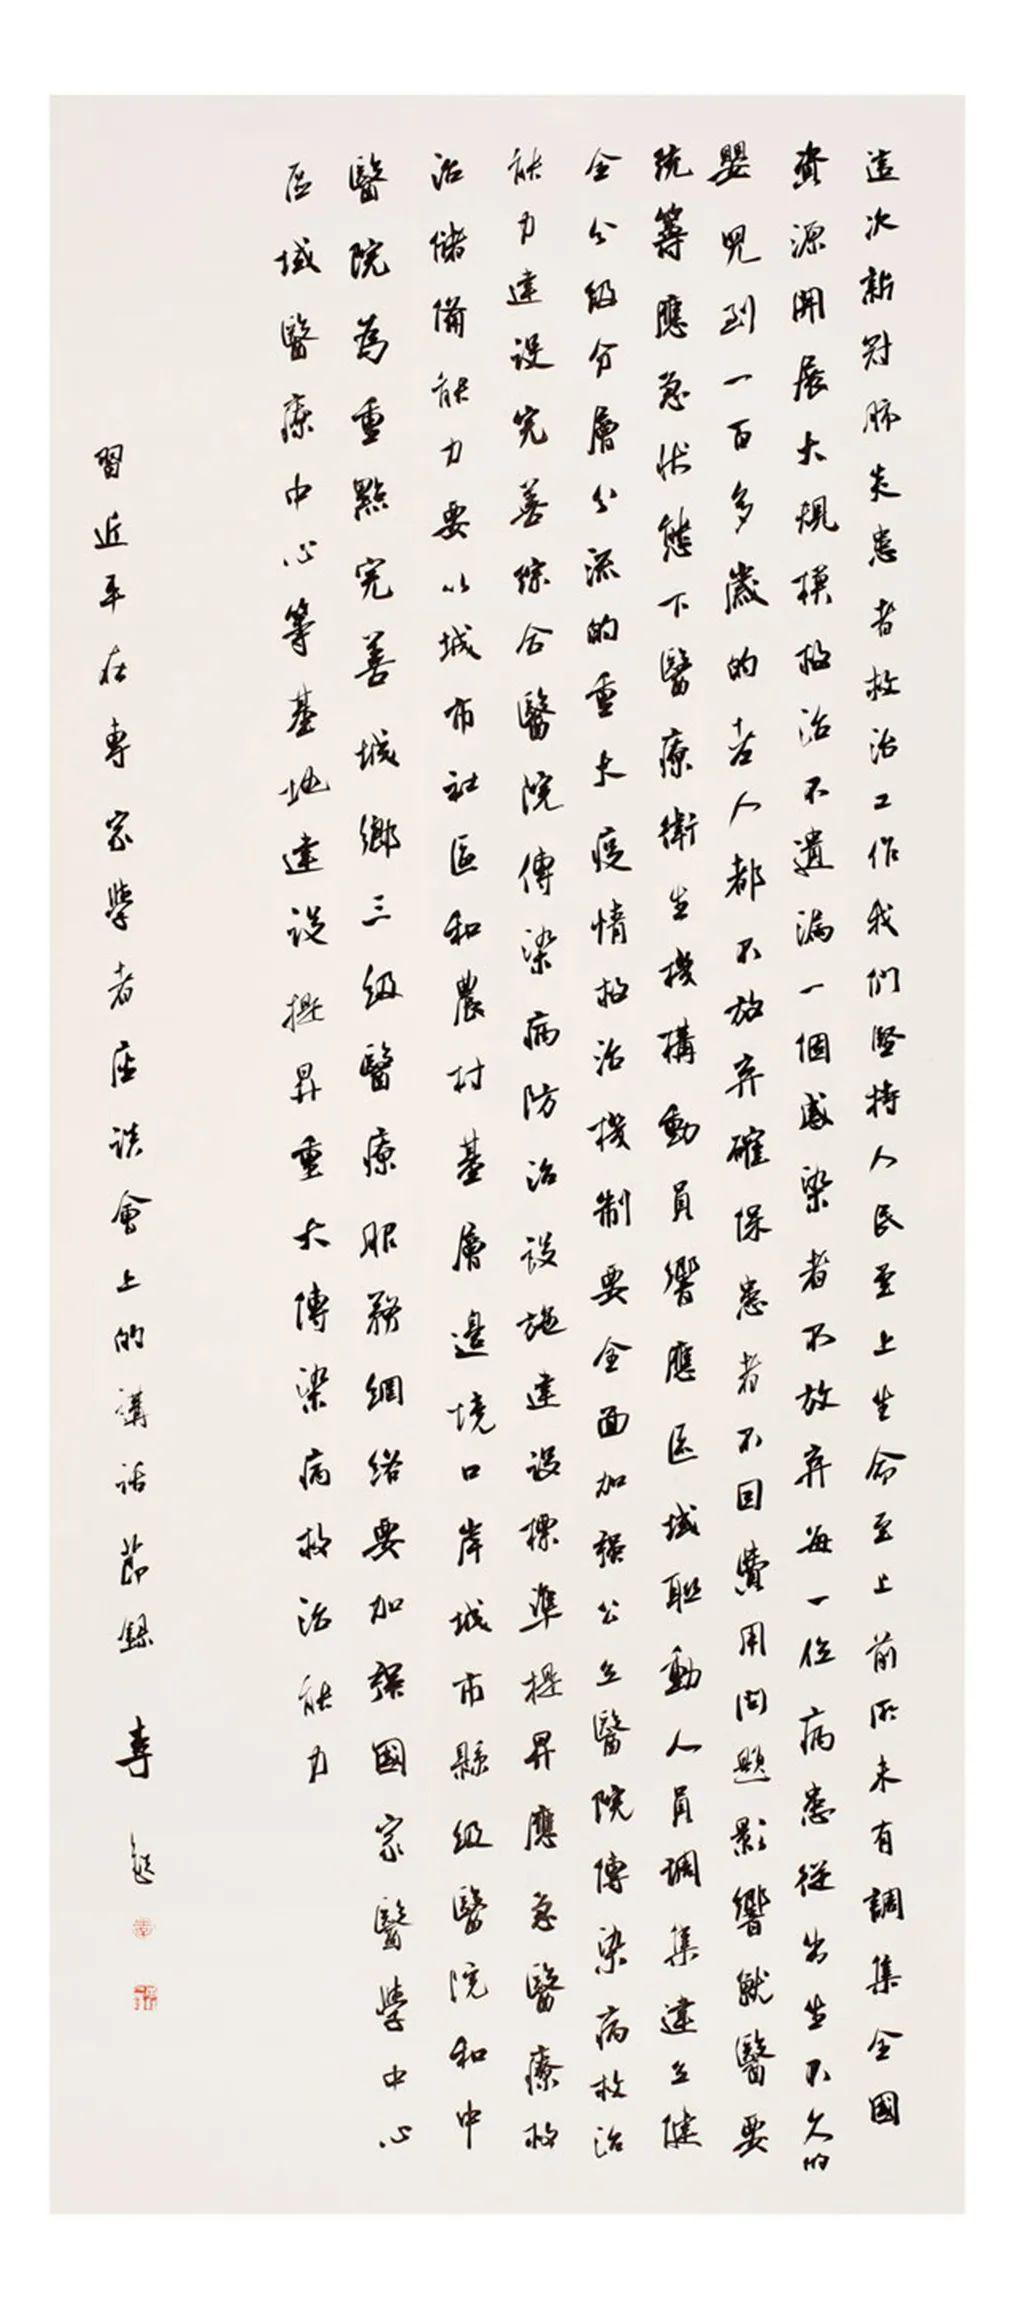 中国力量——全国扶贫书法大展作品 | 第一篇章 :人民至上(图56)